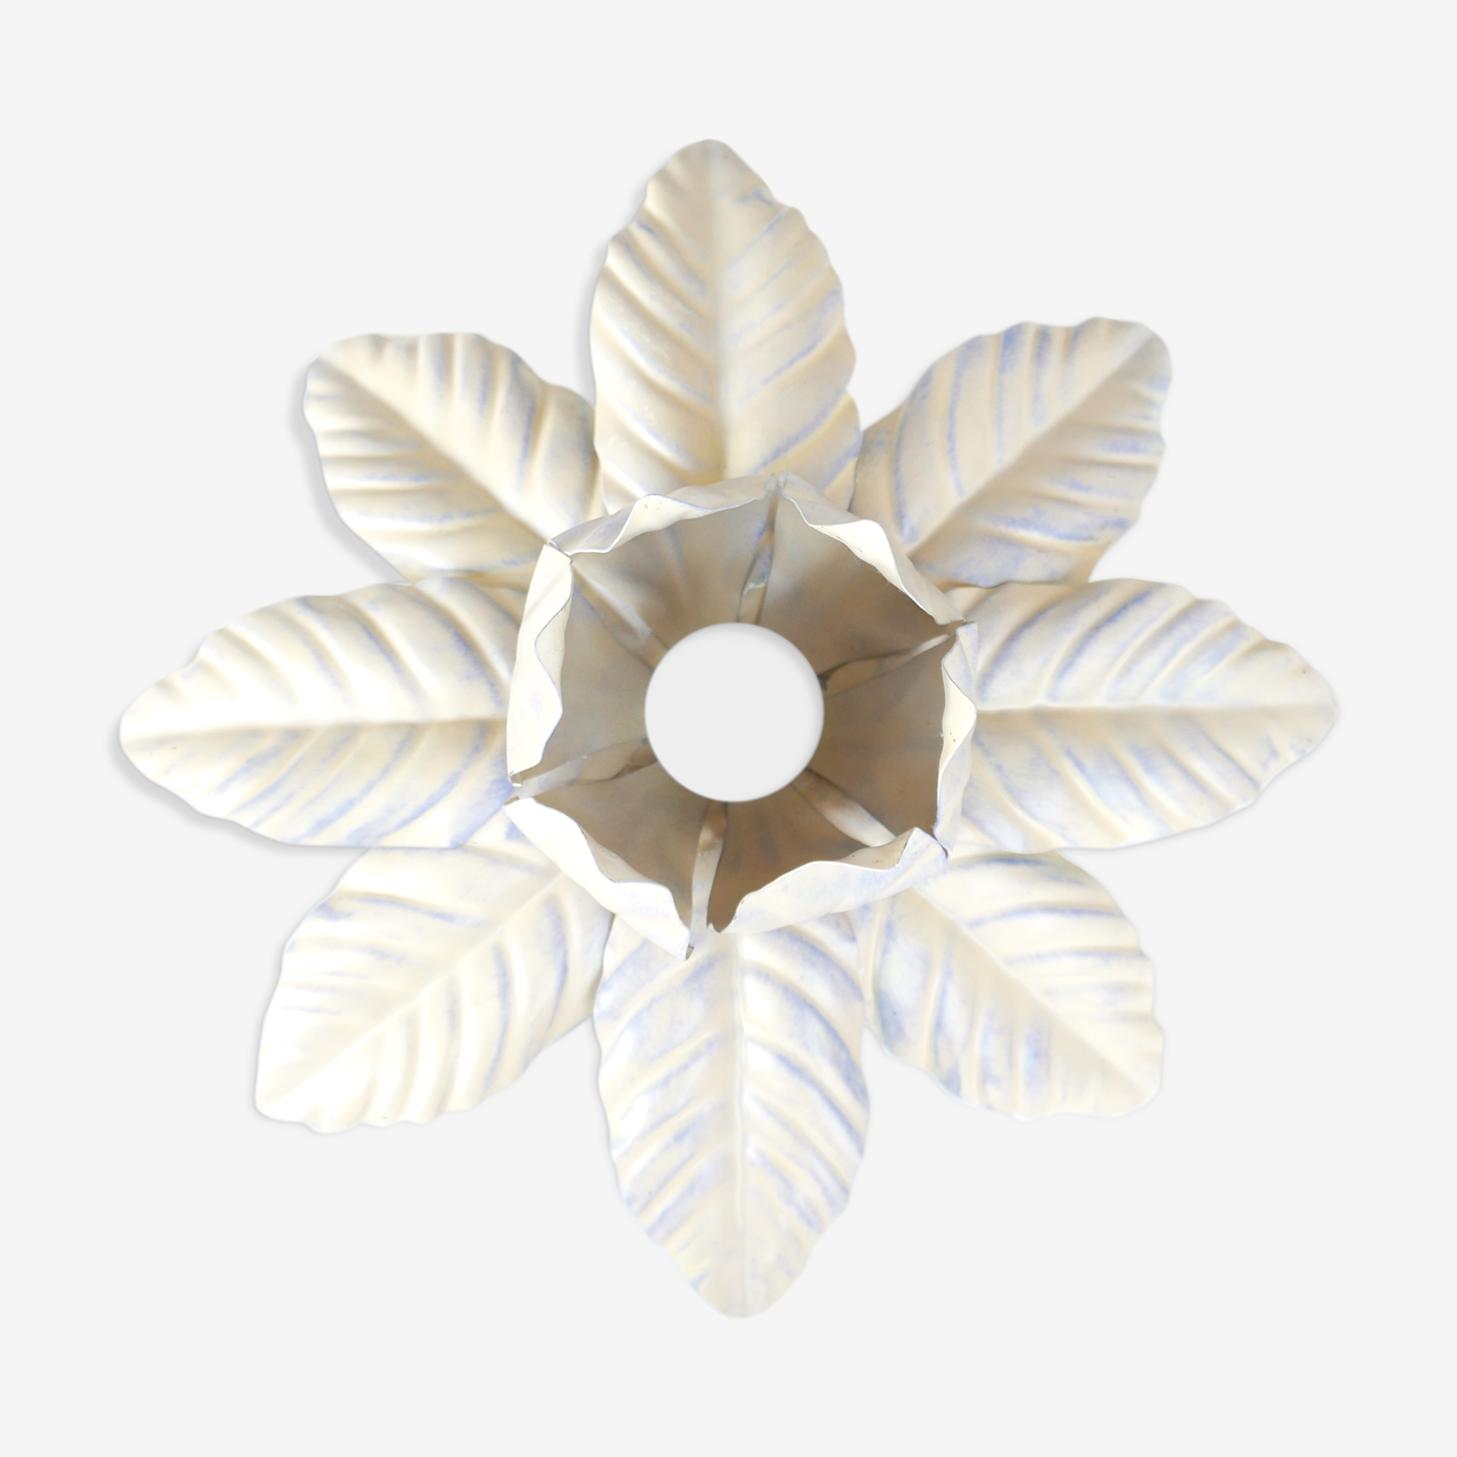 Applique fleur en métal beige, années 70